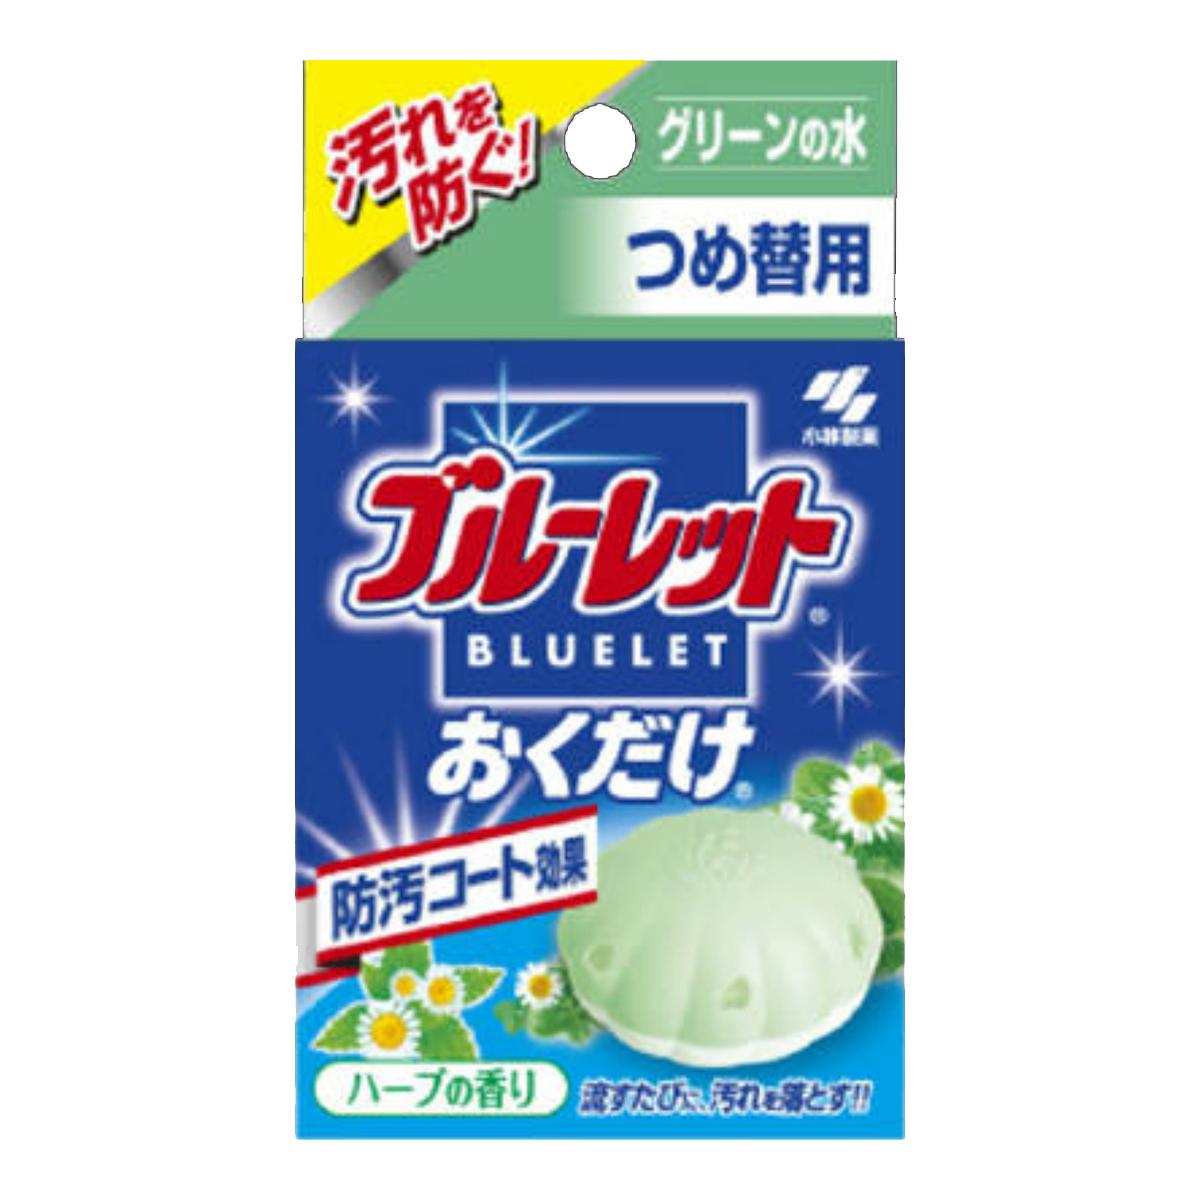 【送料無料】小林製薬 ブルーレットおくだけ ハーブの香り グリーンの水 つめ替用×56点セット まとめ買い特価!ケース販売 ( 4987072005729 )